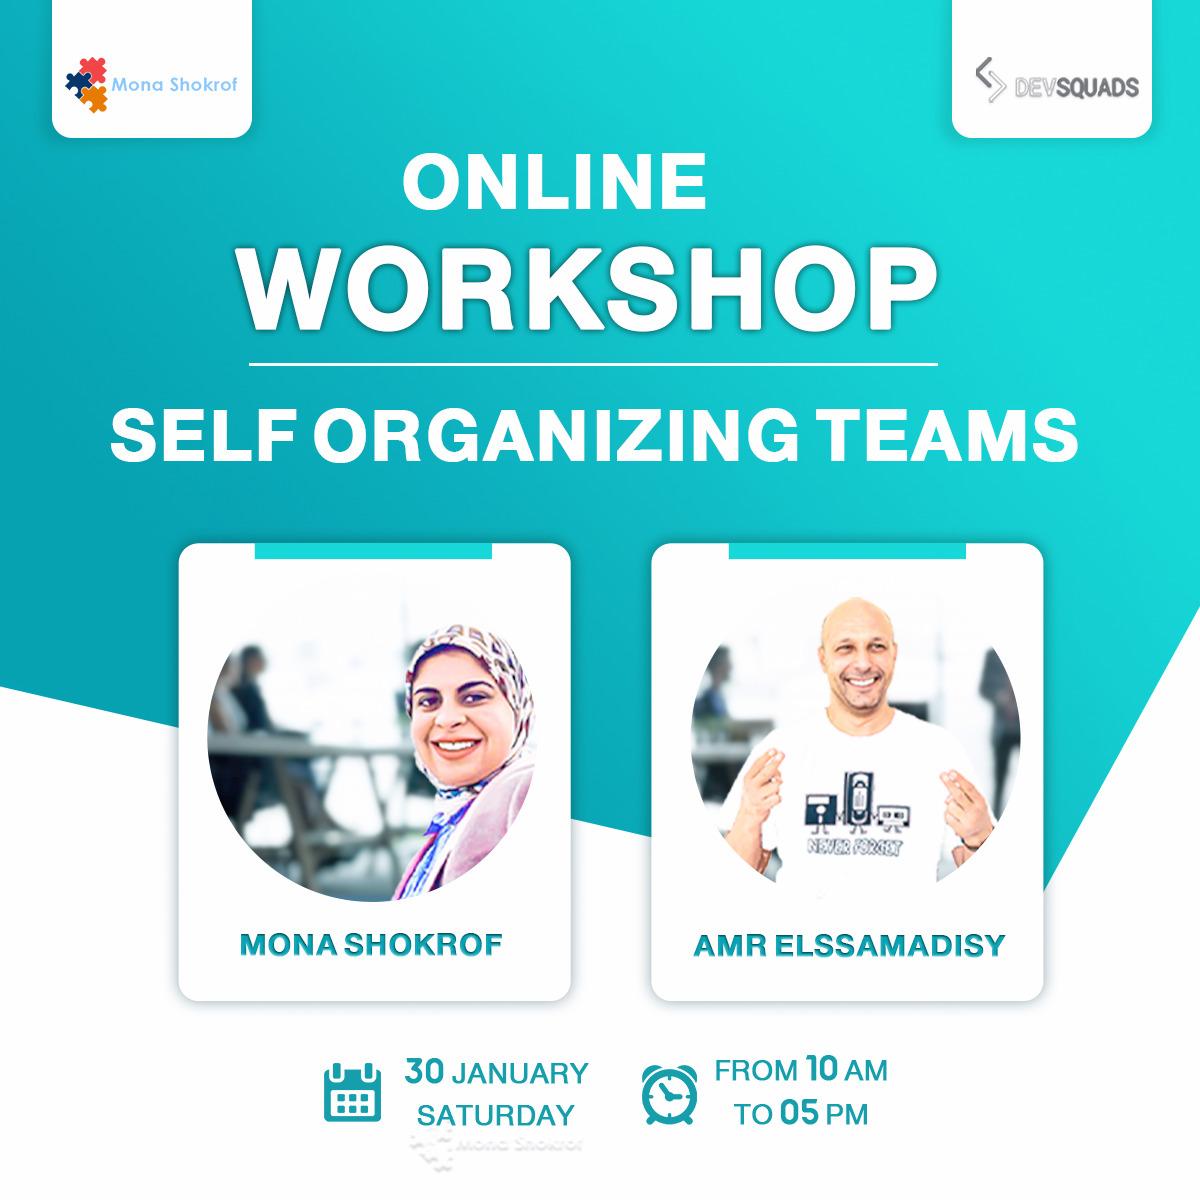 Self organizing teams workshop